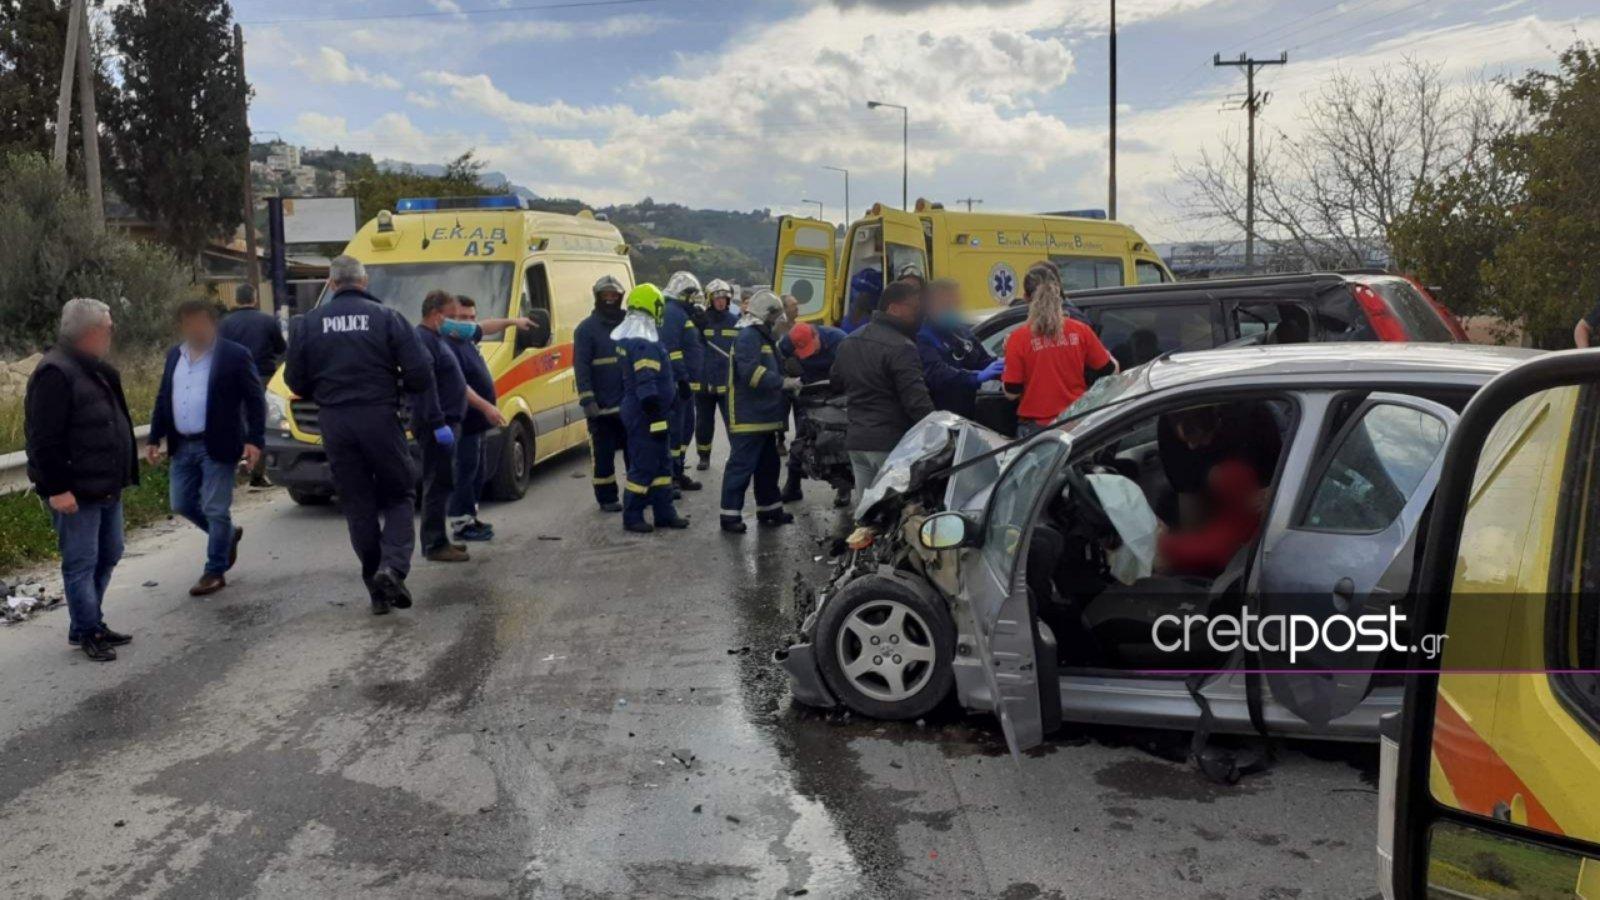 Κρήτη: Καραμπόλα αυτοκινήτων με πέντε τραυματίες (pics)